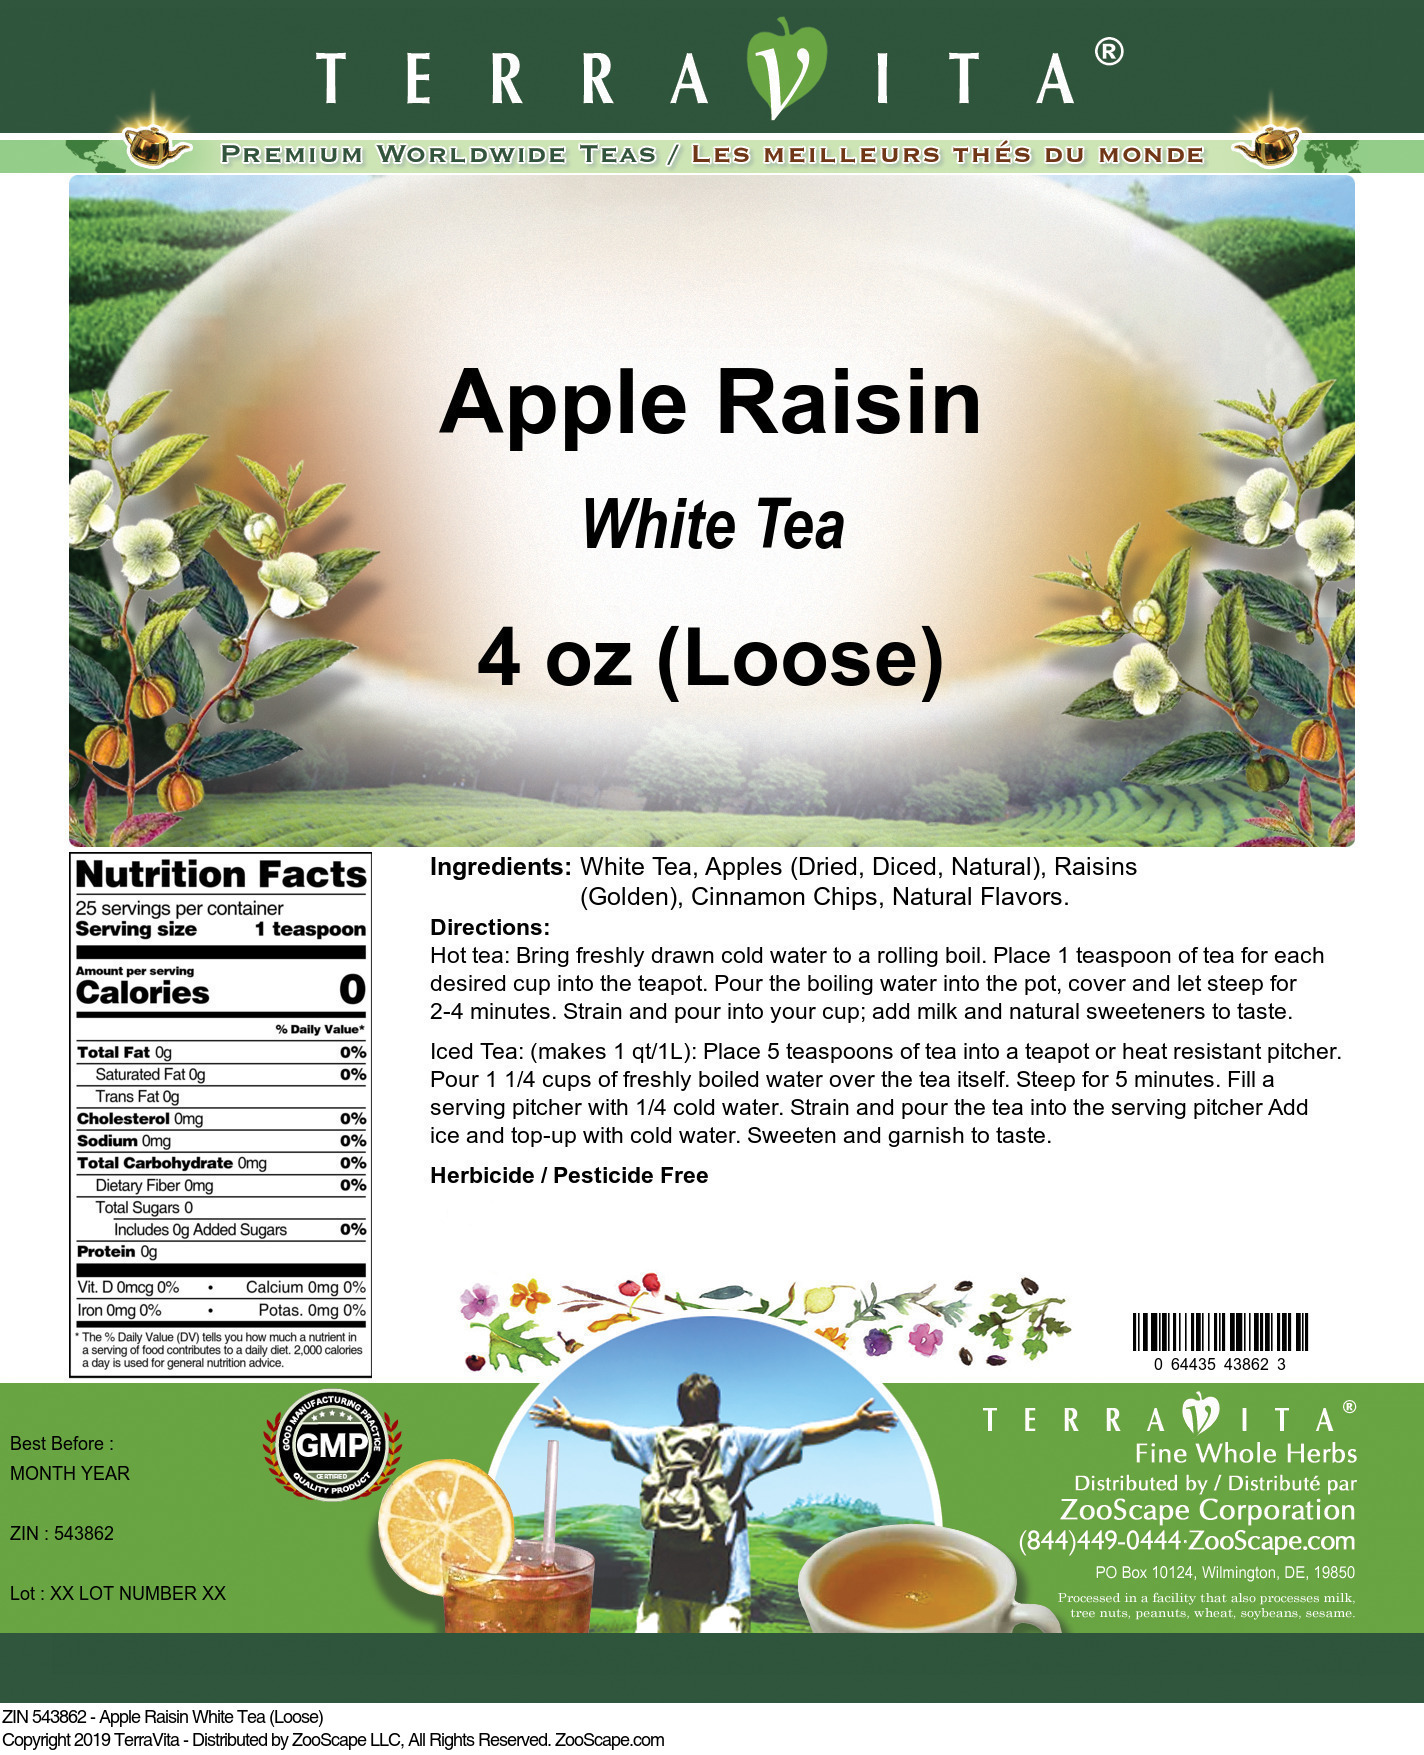 Apple Raisin White Tea (Loose)